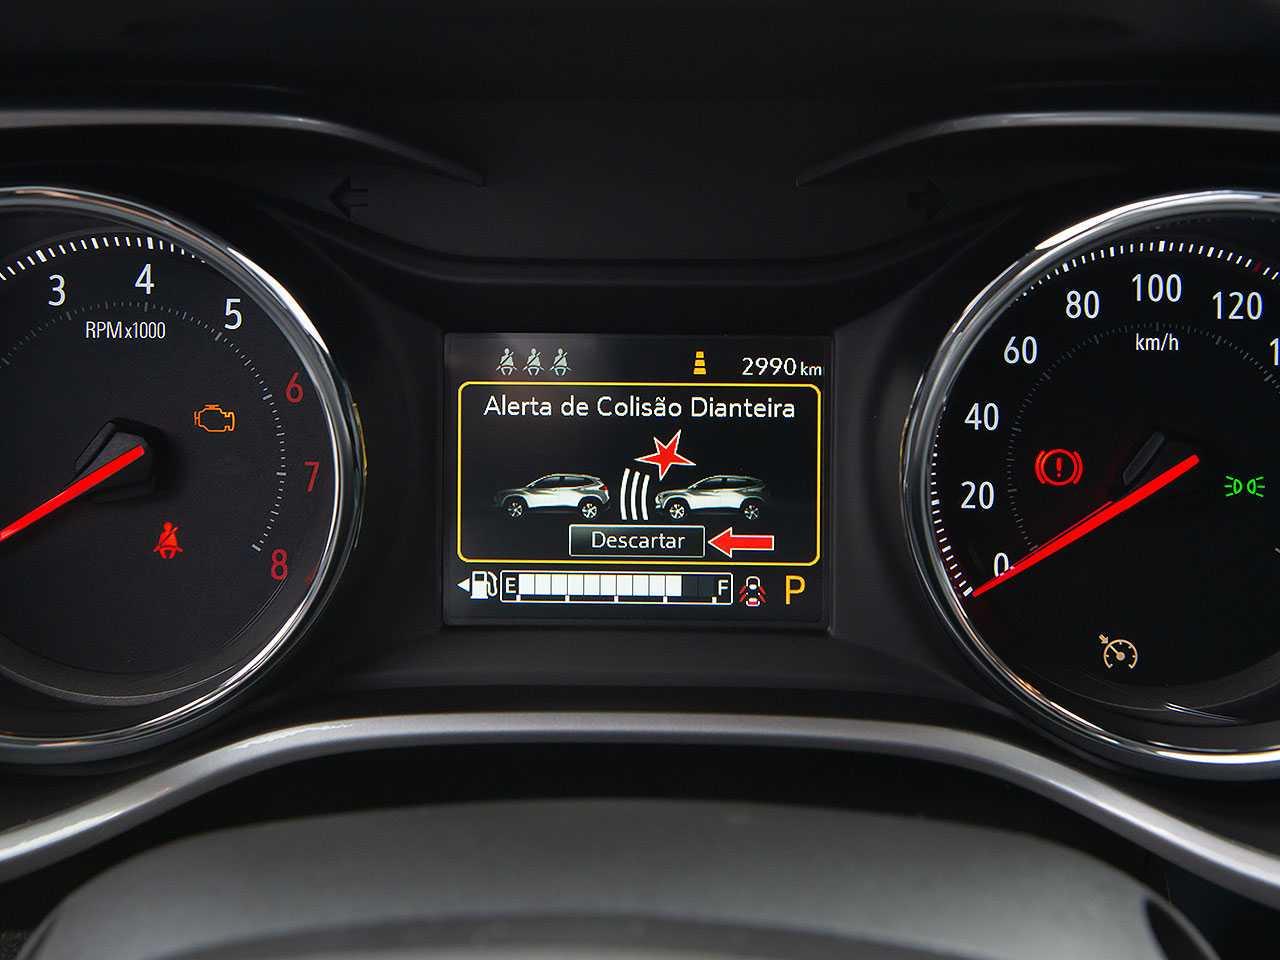 Alerta de colisão com frenagem autônoma já é oferecida em muitos compactos